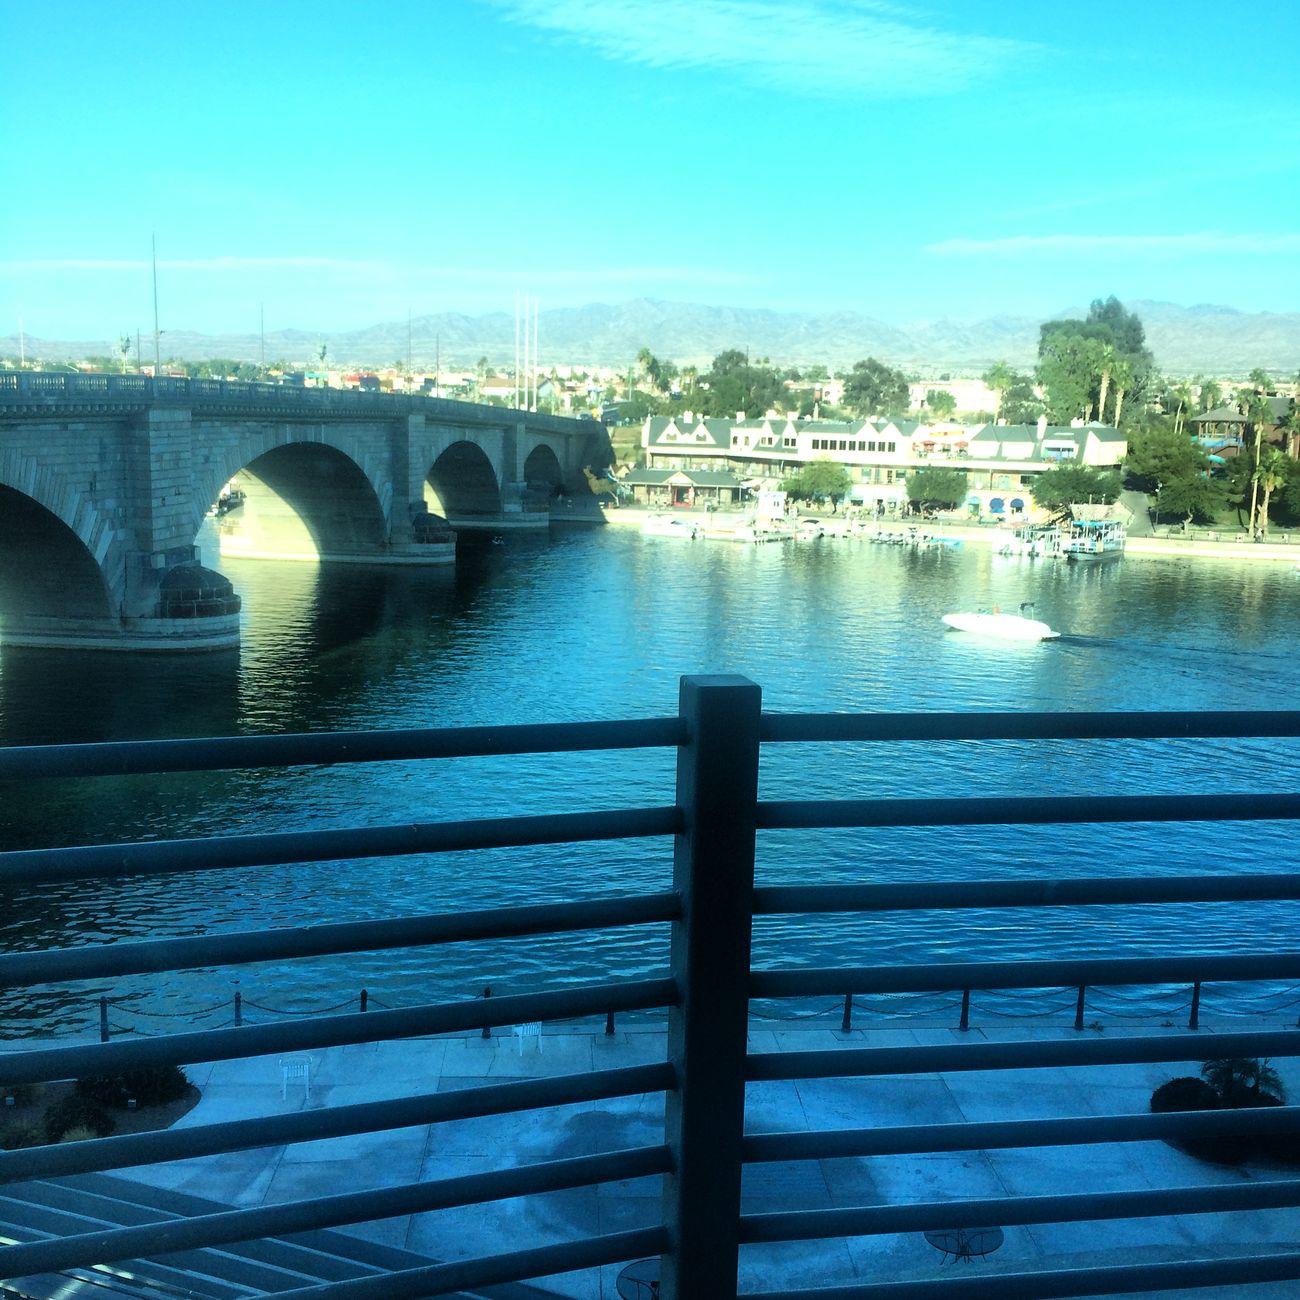 Lake Havasu City Lake Havasu Arizona Lobdon Bridge